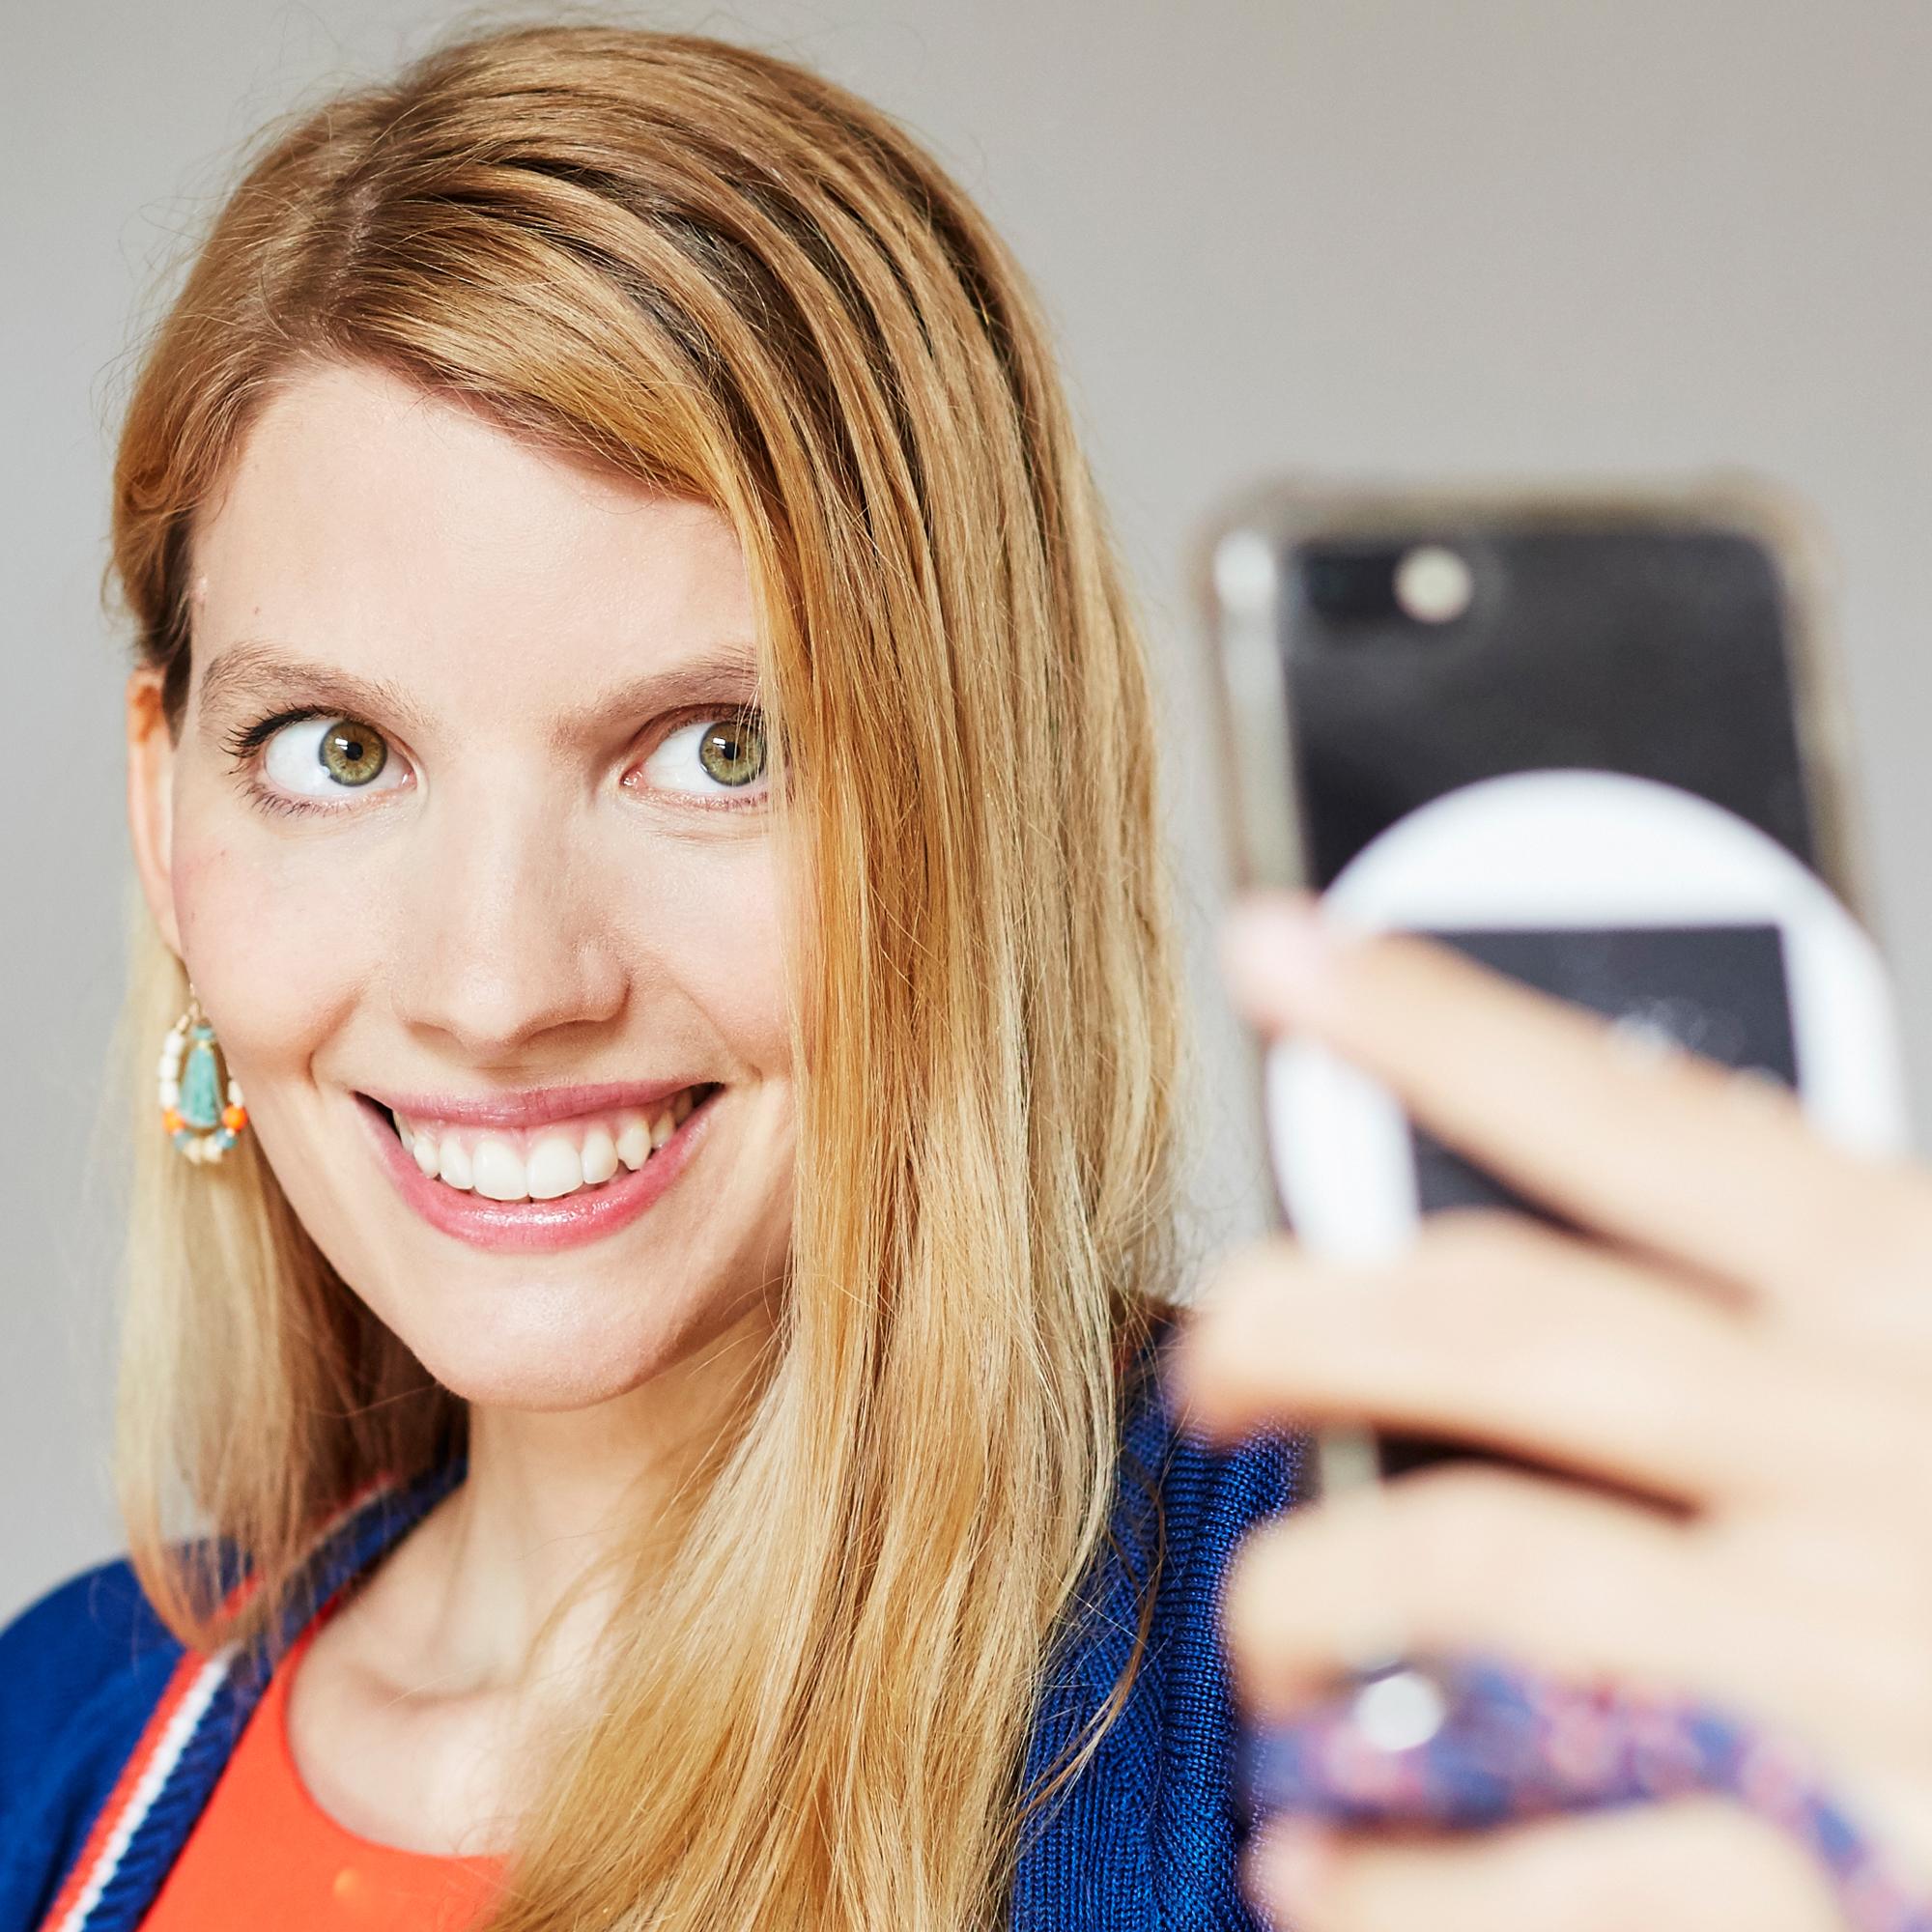 Video-Journalistin Lisa Altmeier über ihr Herzensmedium Internet.